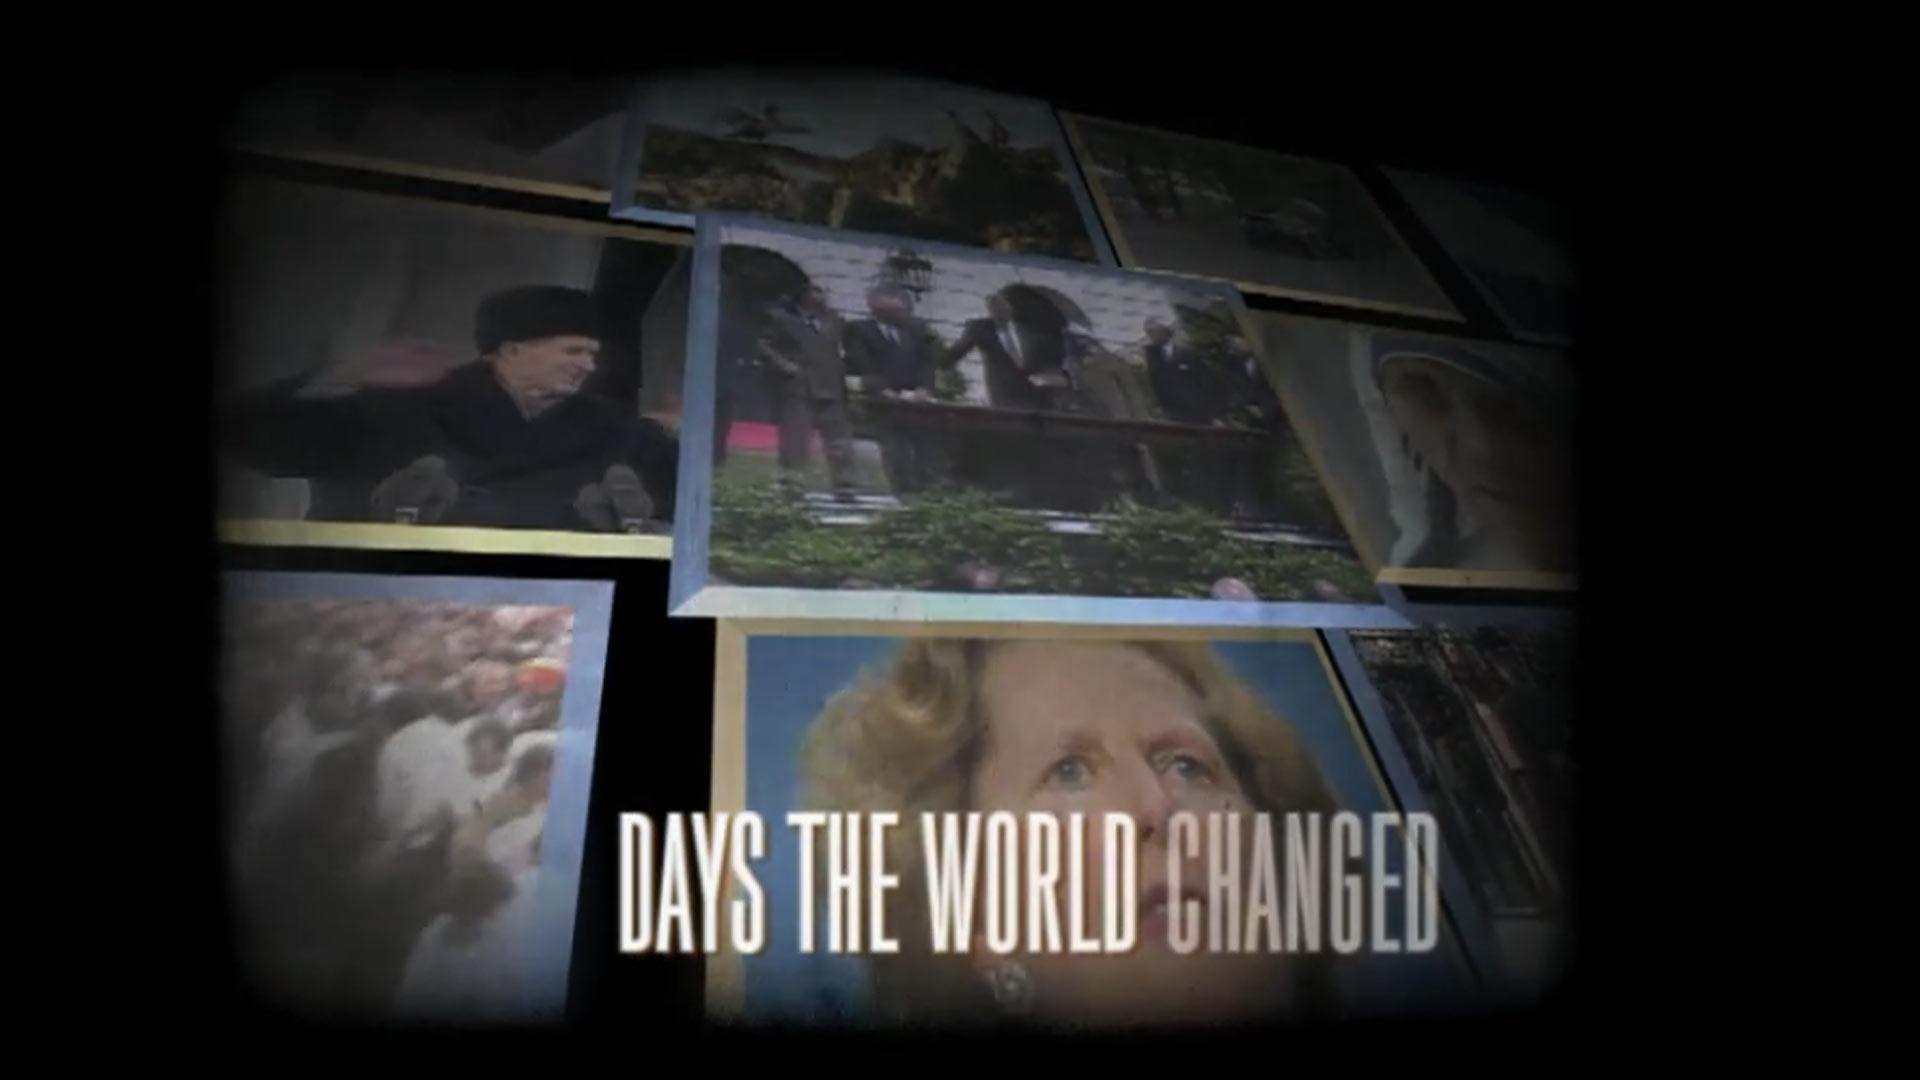 ימים ששינו את העולם - פיצוץ המעבורת צ'לנג'ר, אסון צ'רנוביל ועוד